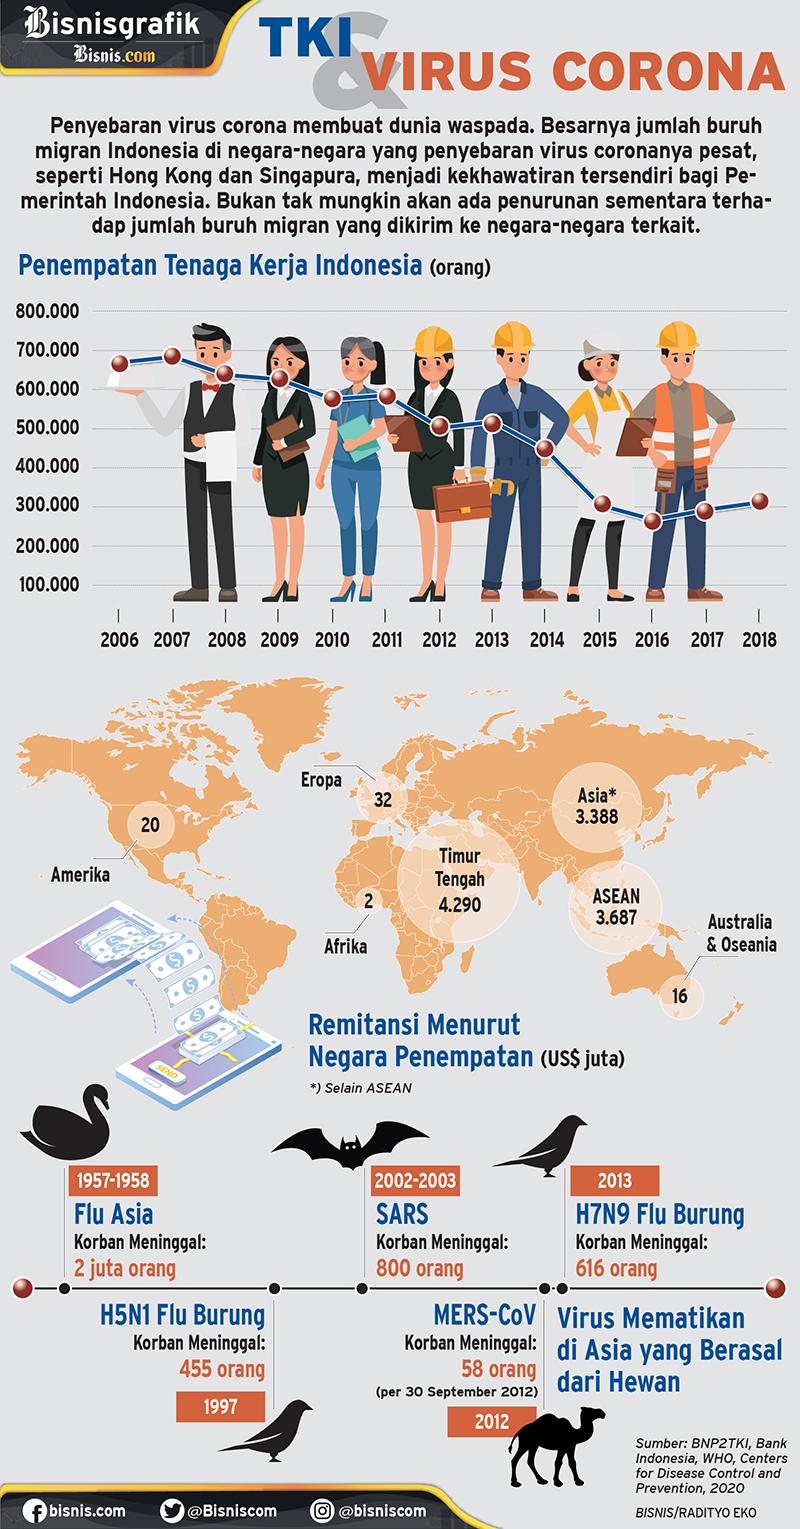 Infografik penempatan Tenaga Kerja Indonesia (TKI) dan virus corona. - Bisnis/Radityo Eko